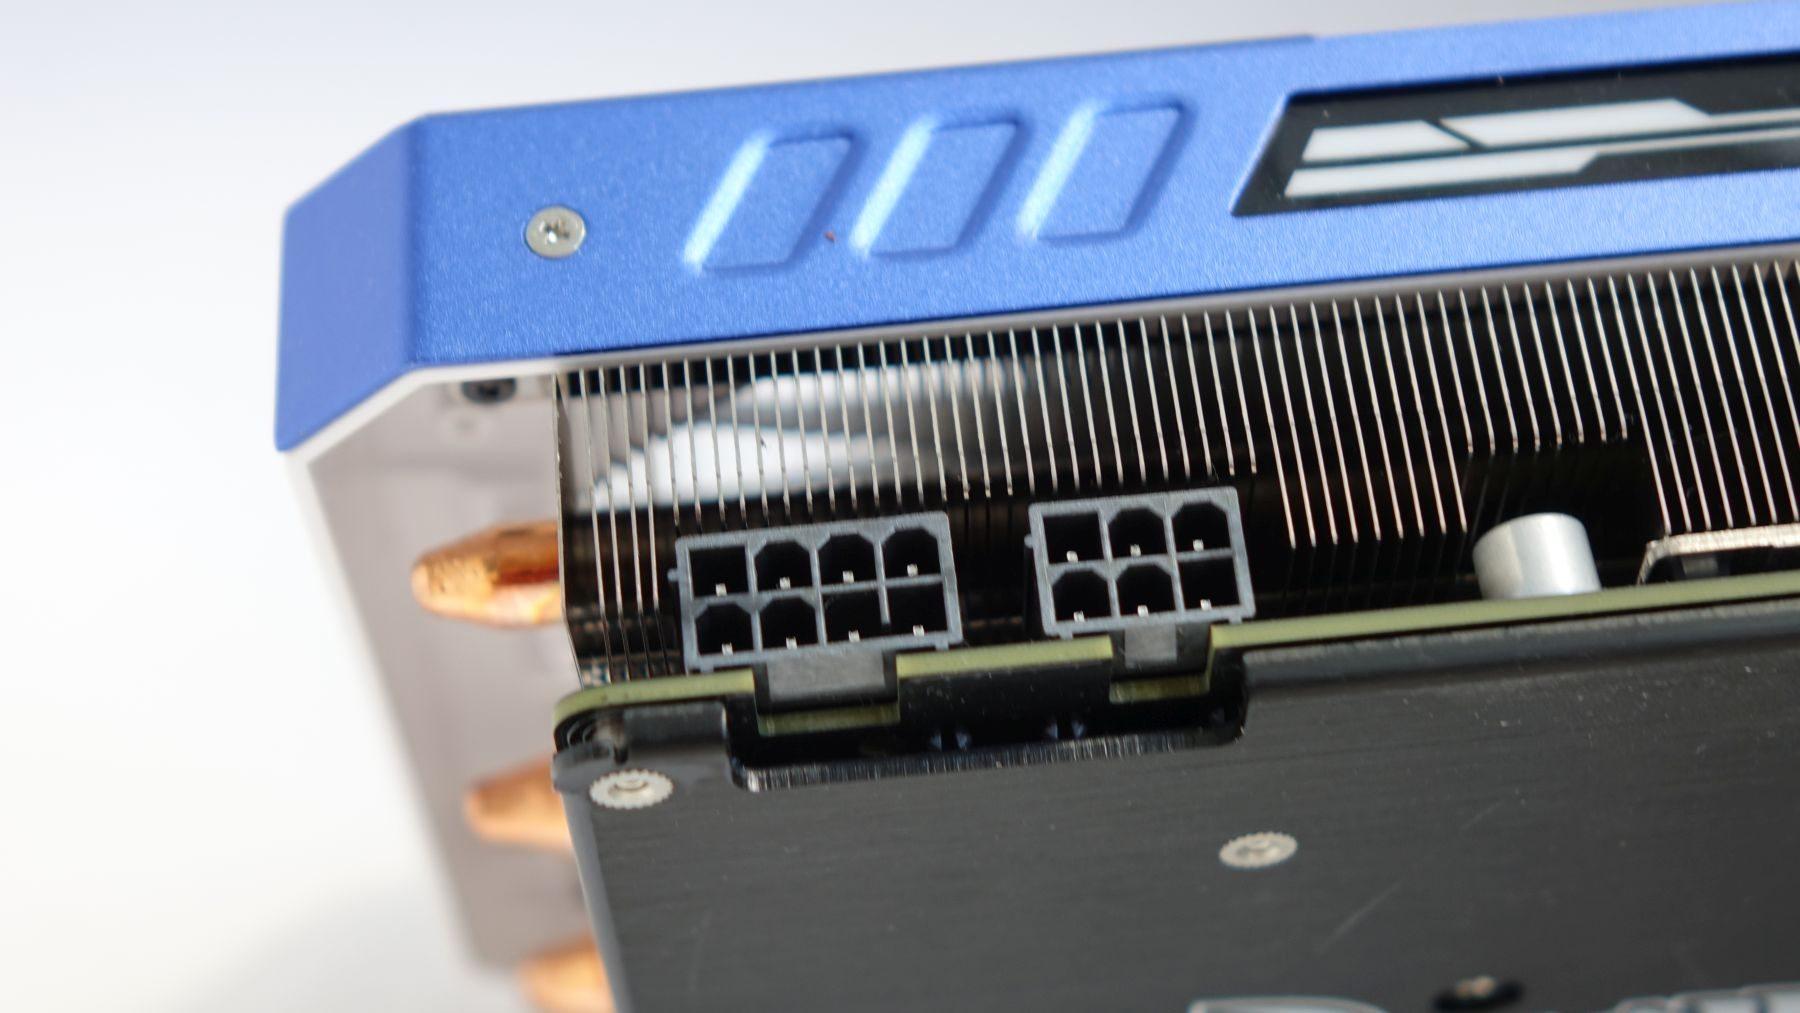 Palit GeForce GTX 1080 GameRock Premium Edition power